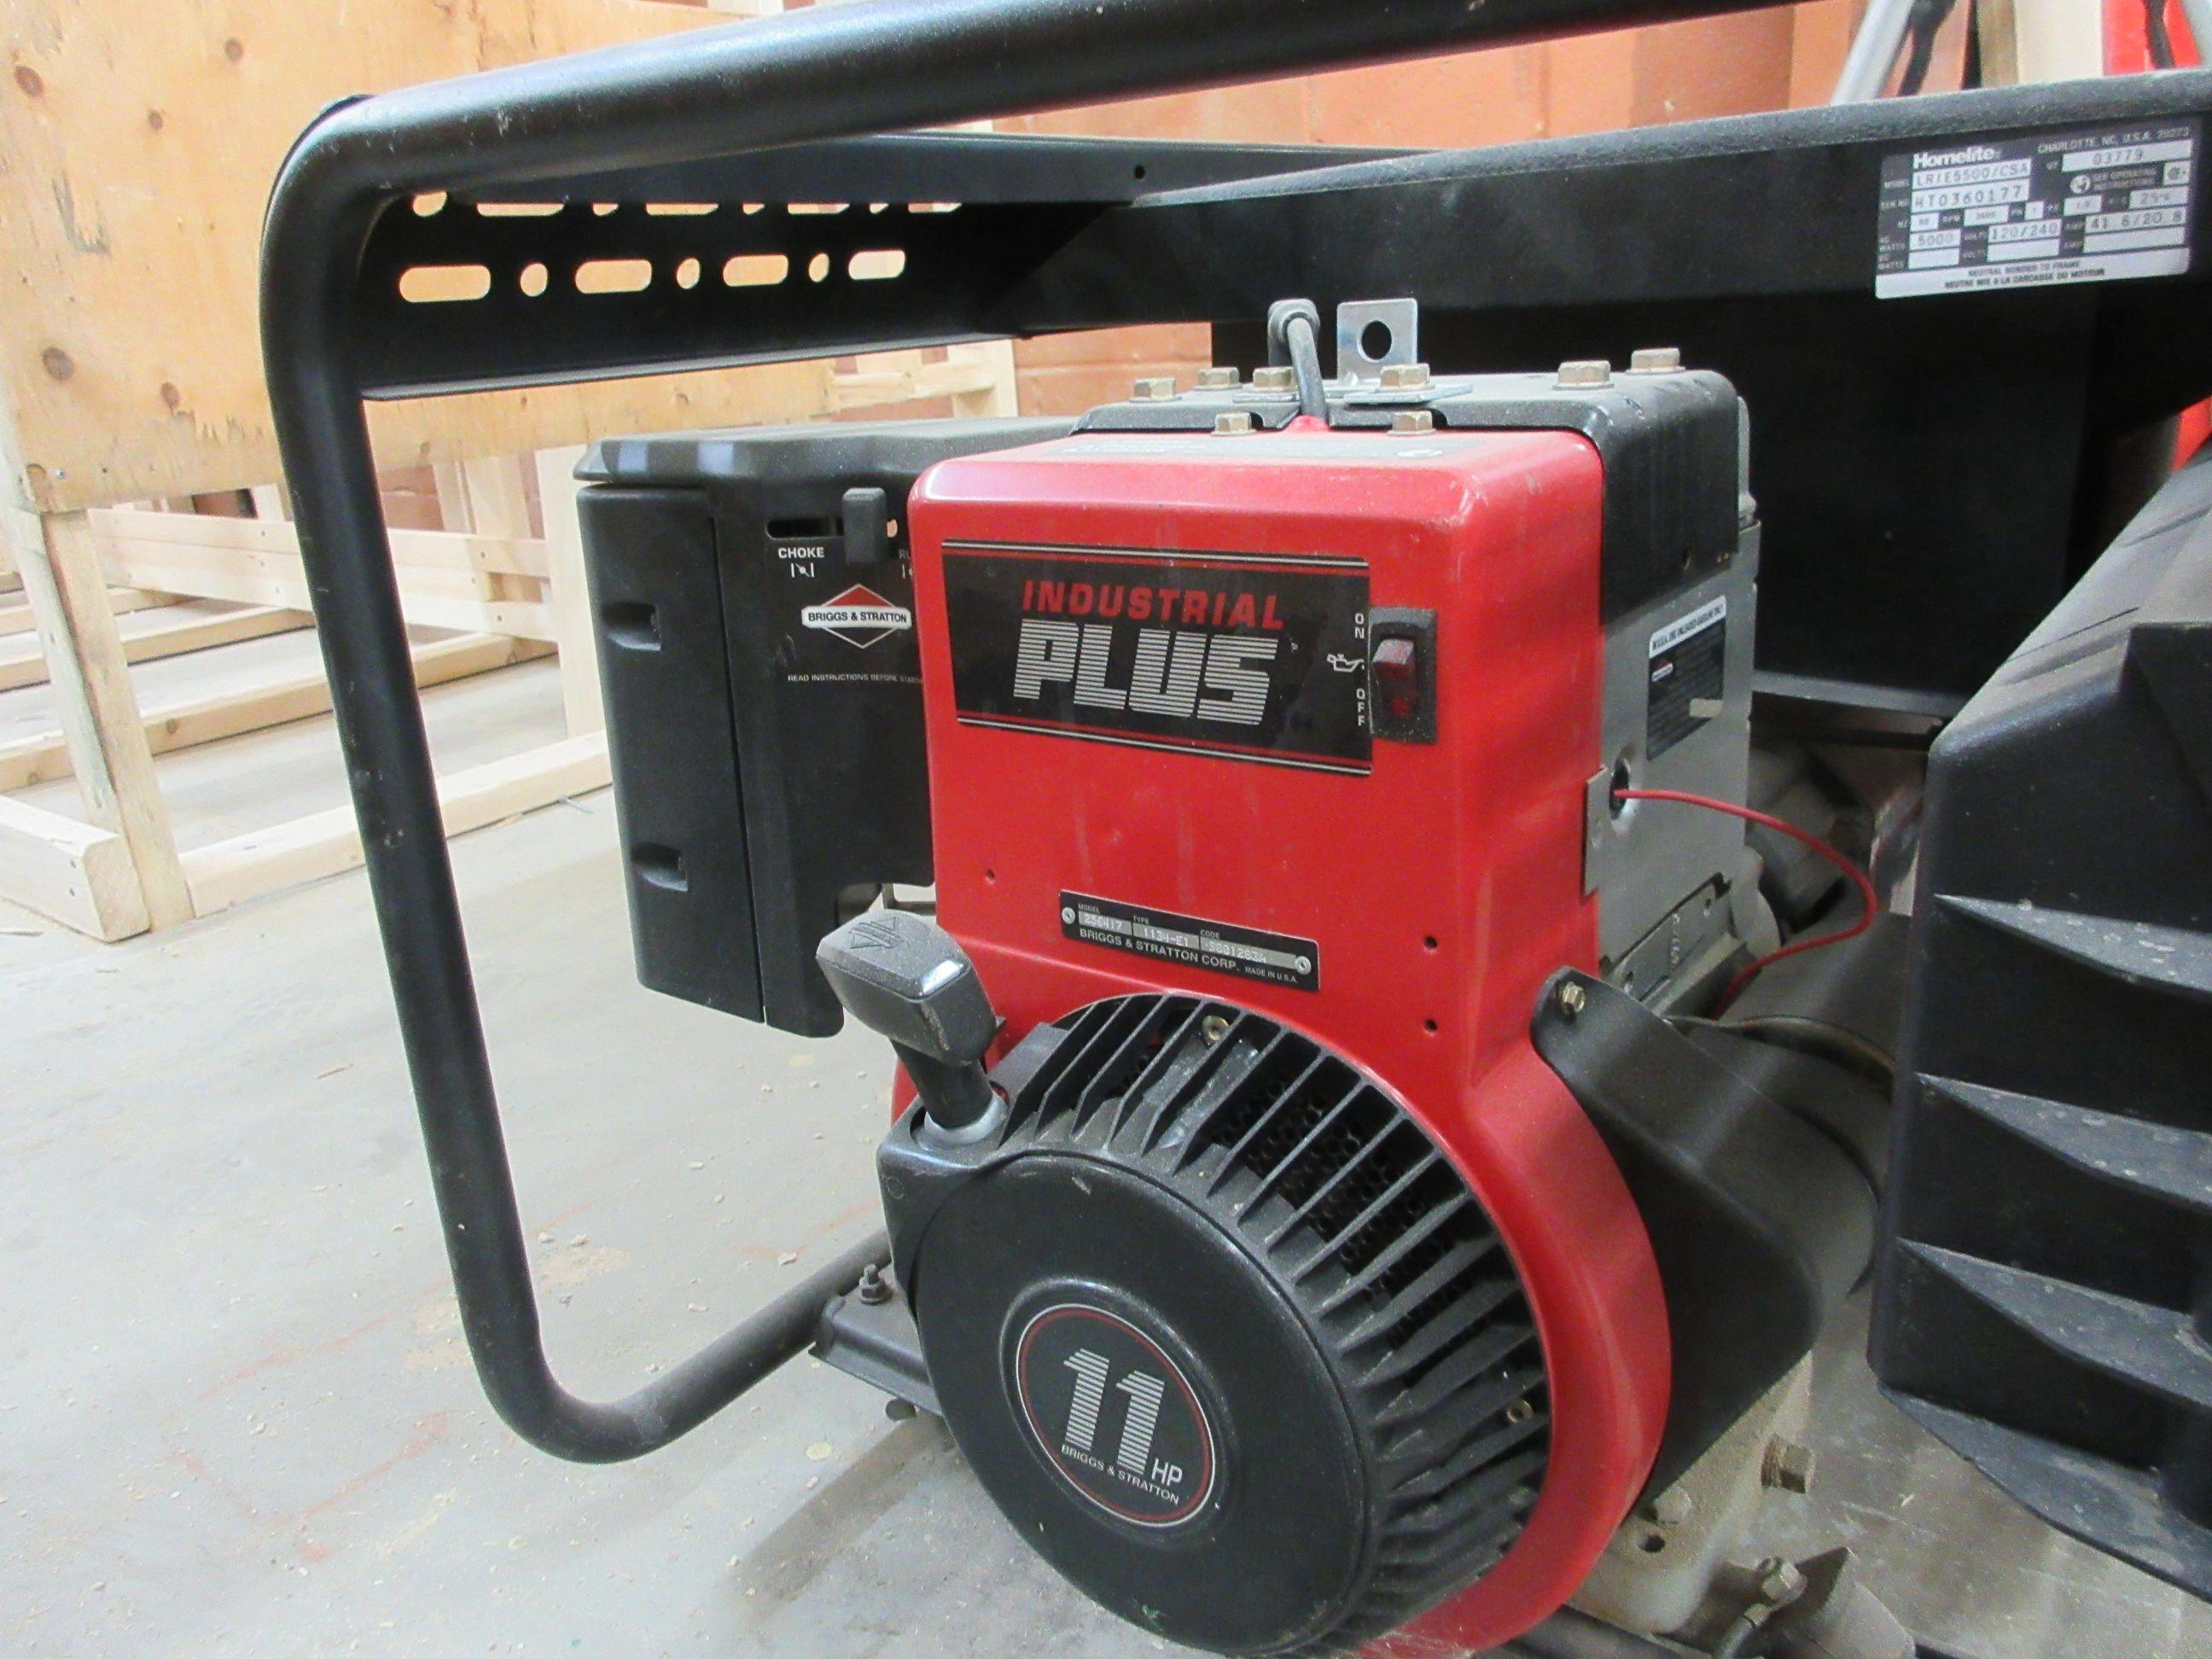 HOMELITE LRIE 5500 generator, 11 HP, 5500 watts - Image 3 of 3